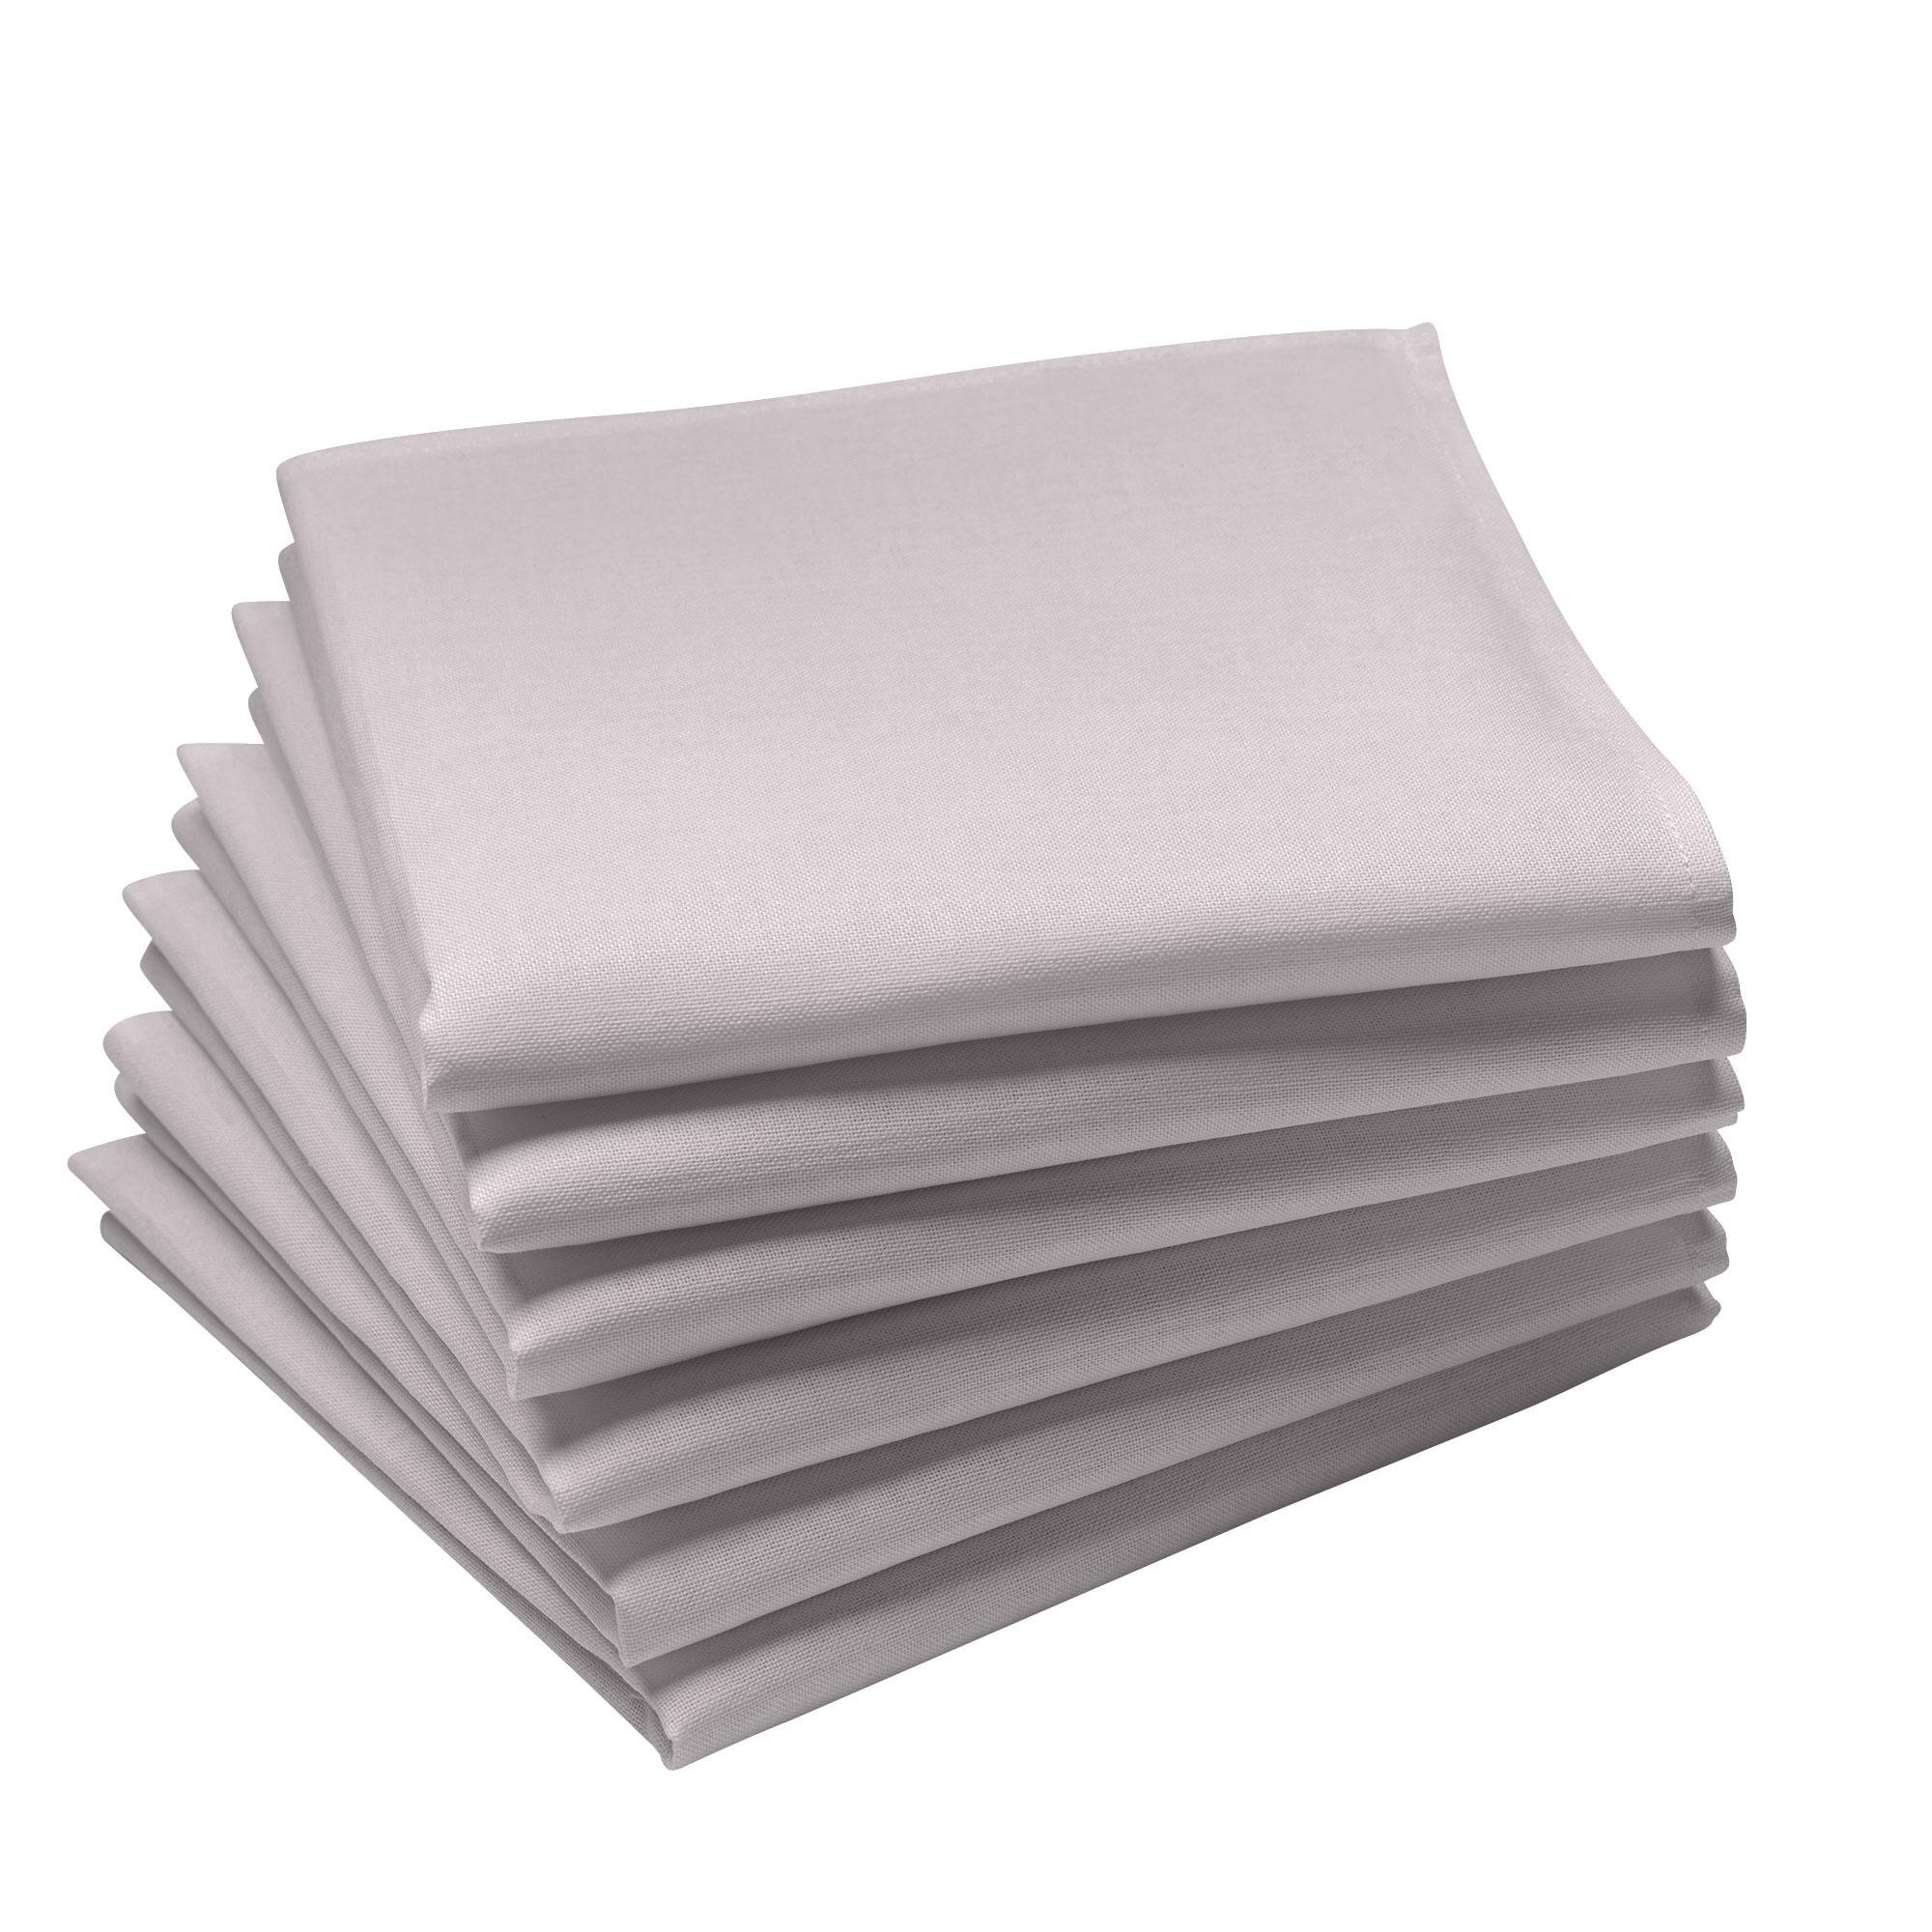 Lot de 6 serviettes en coton traite Teflon, Perle 45 x 45